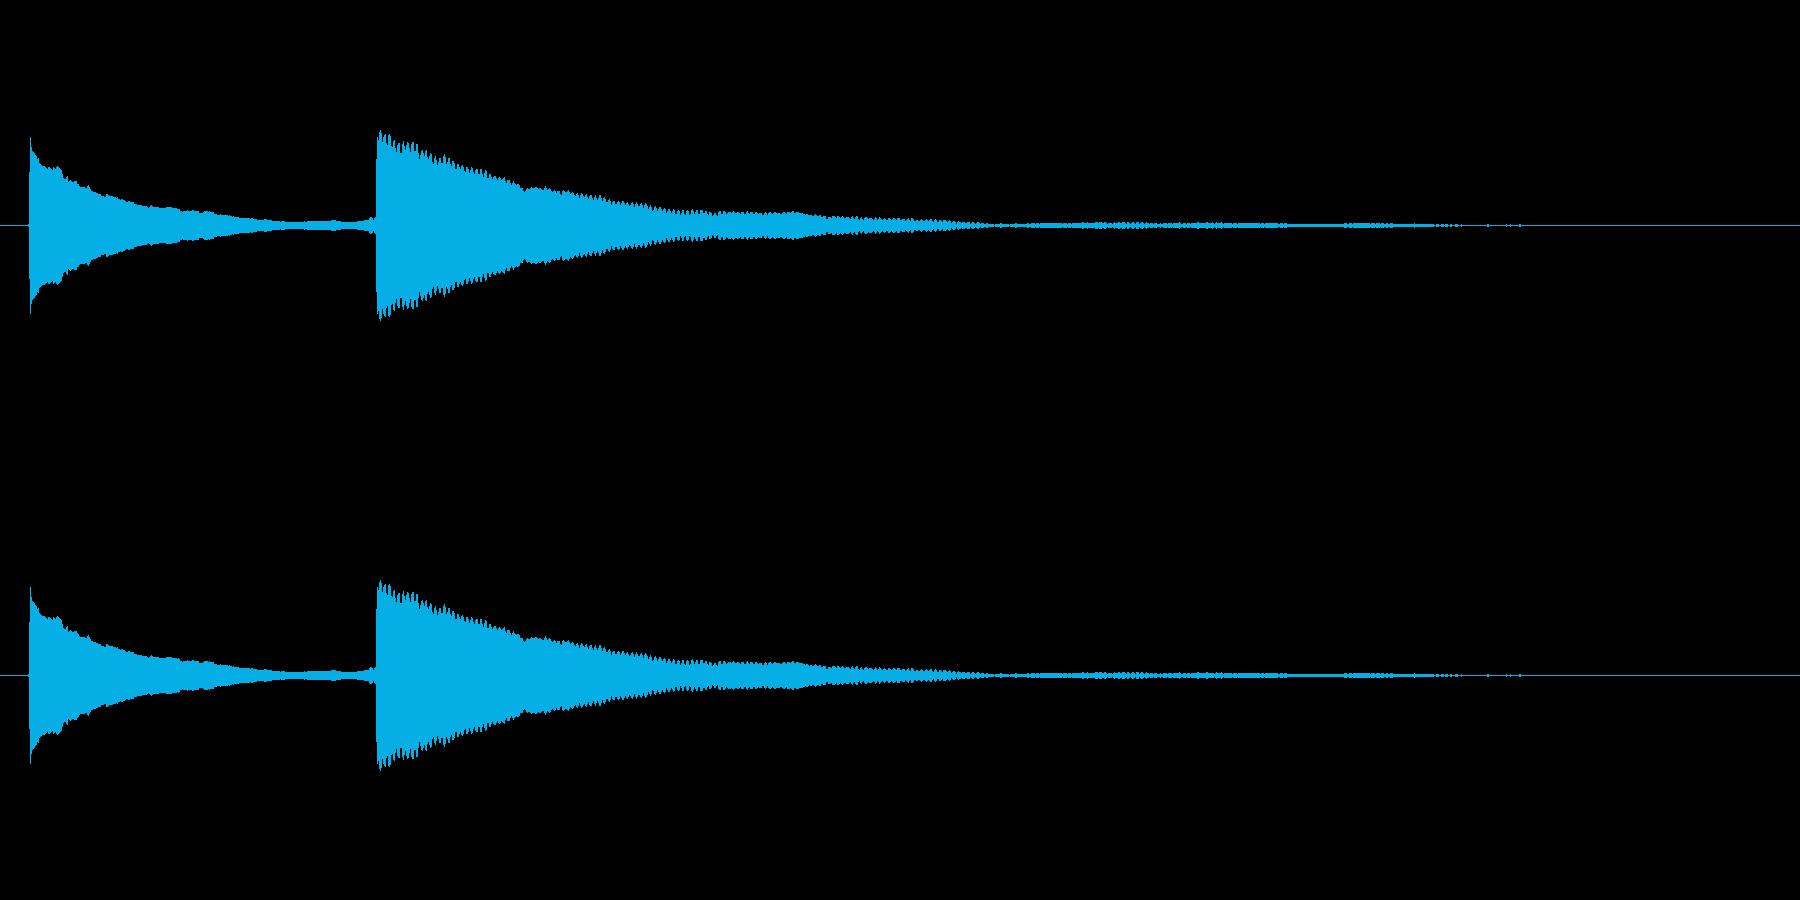 ピンポン (1)の再生済みの波形